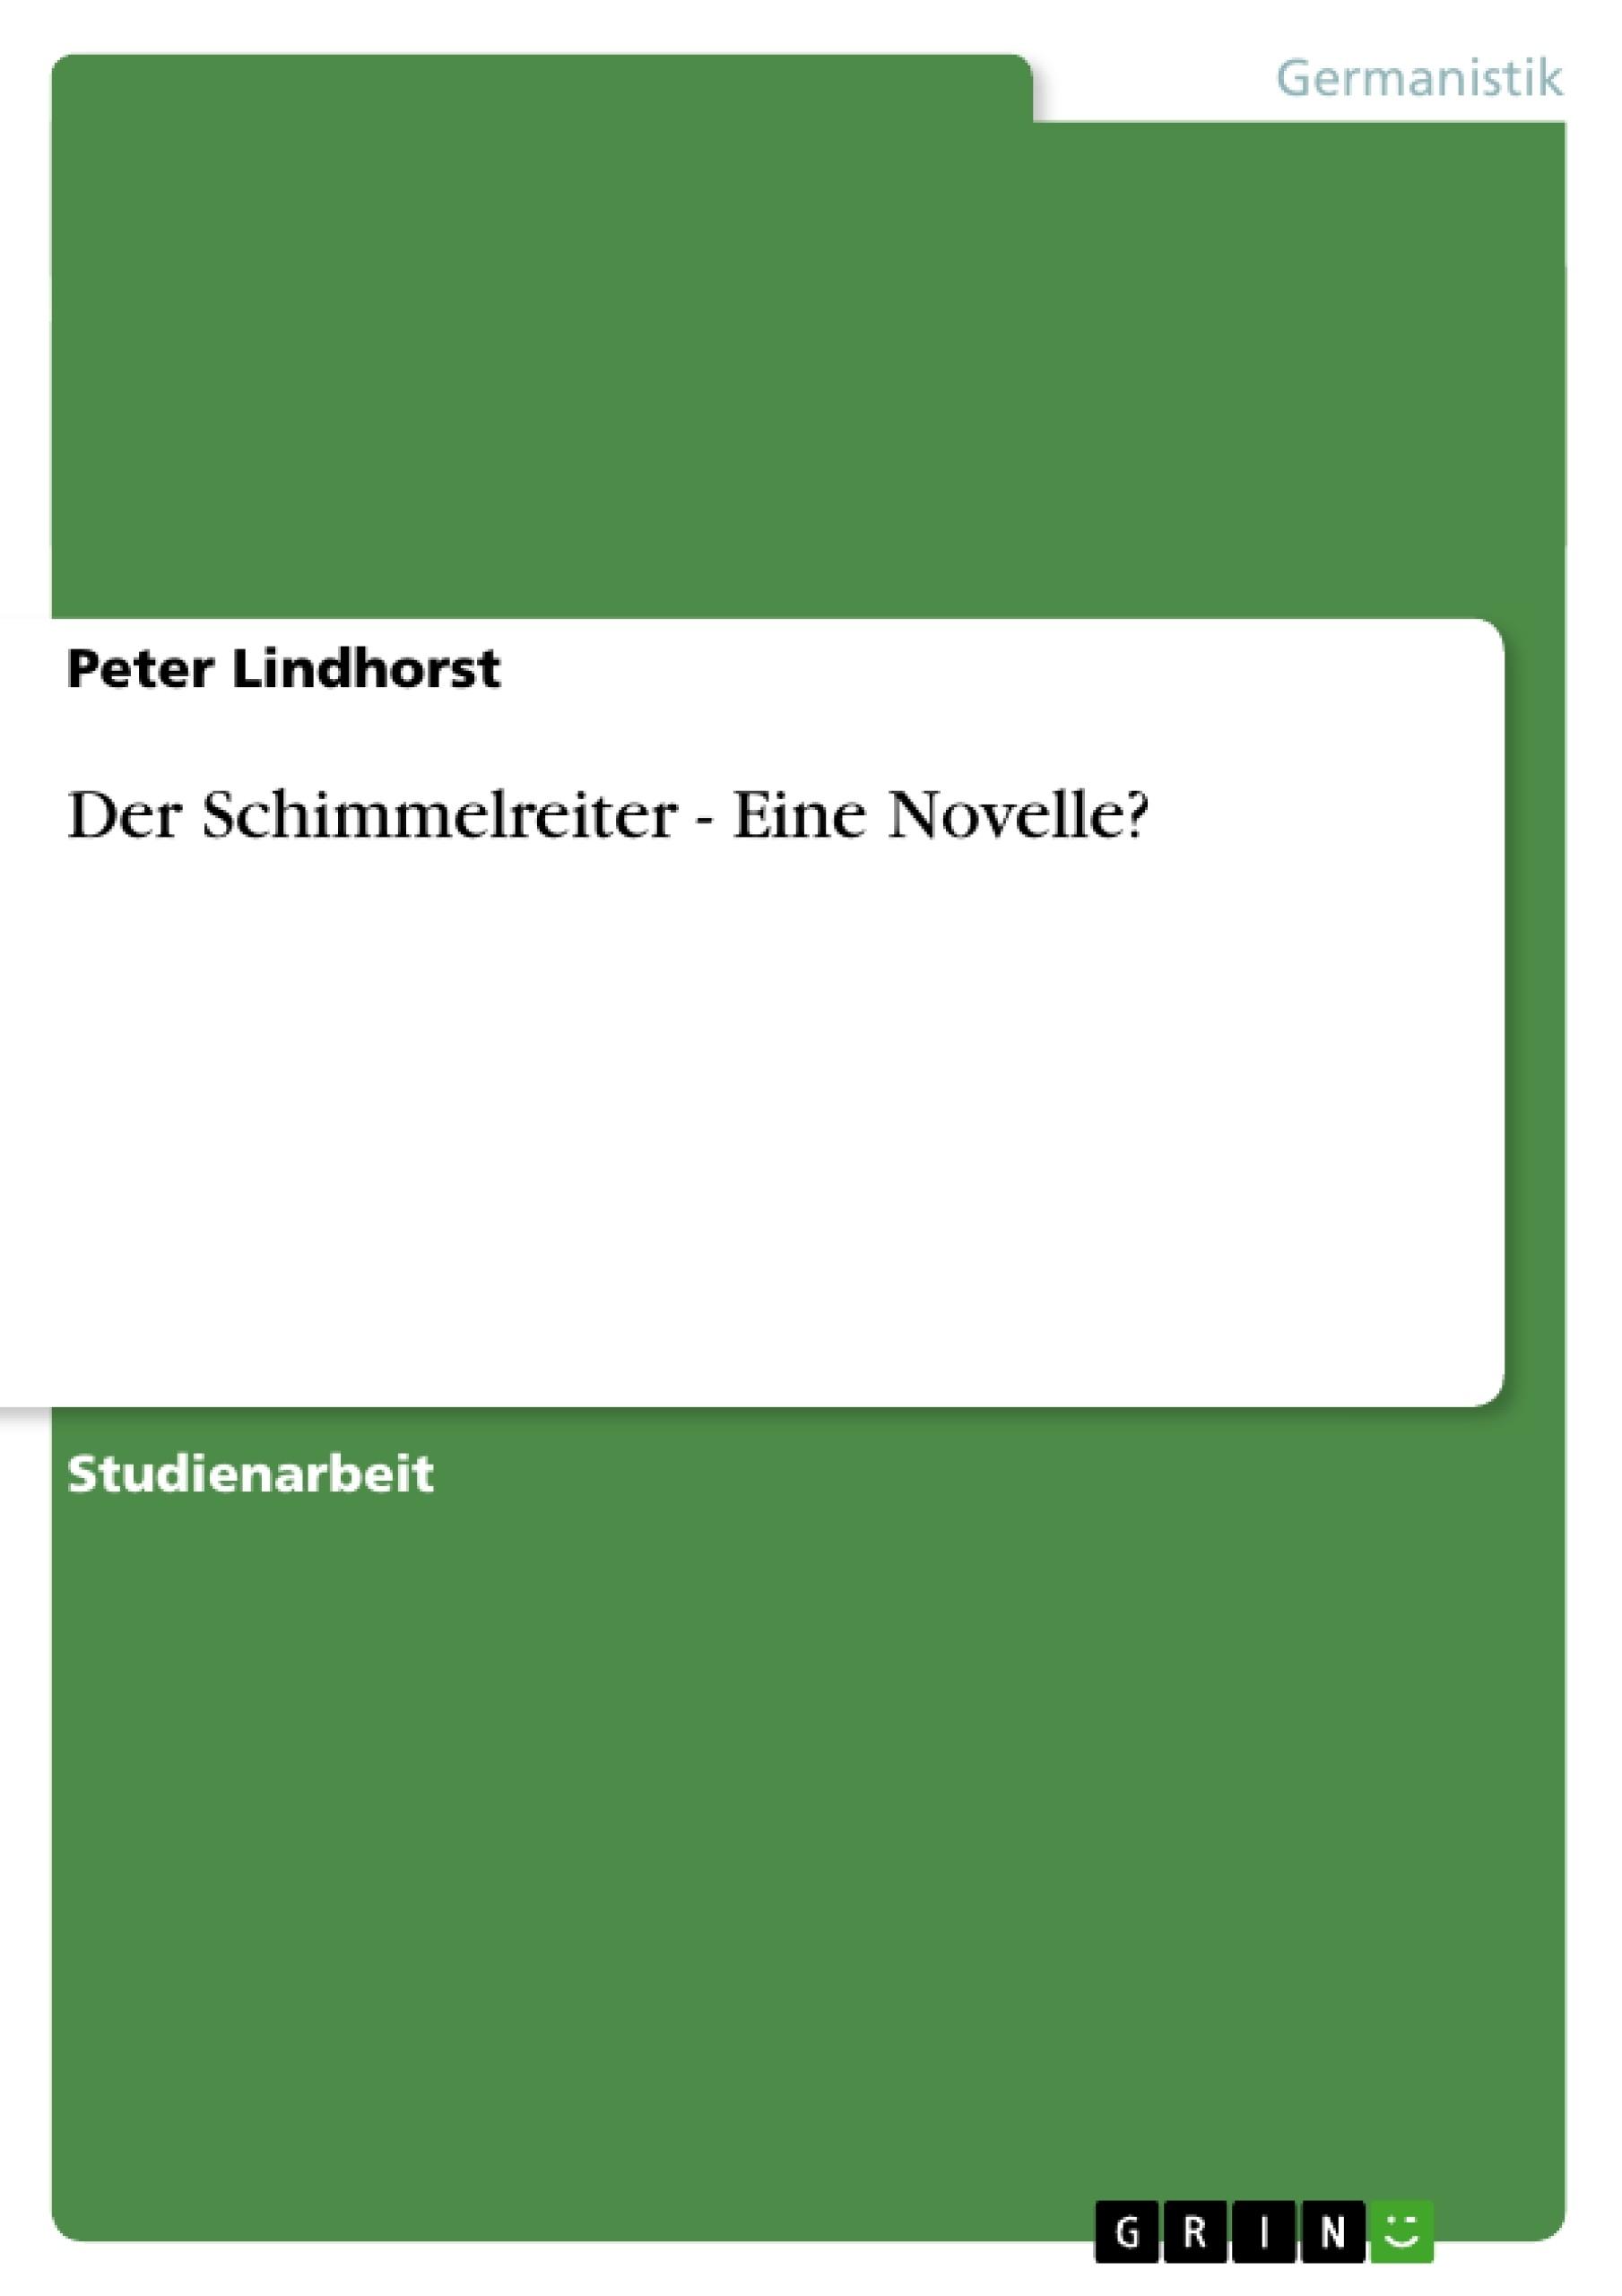 Titel: Der Schimmelreiter - Eine Novelle?